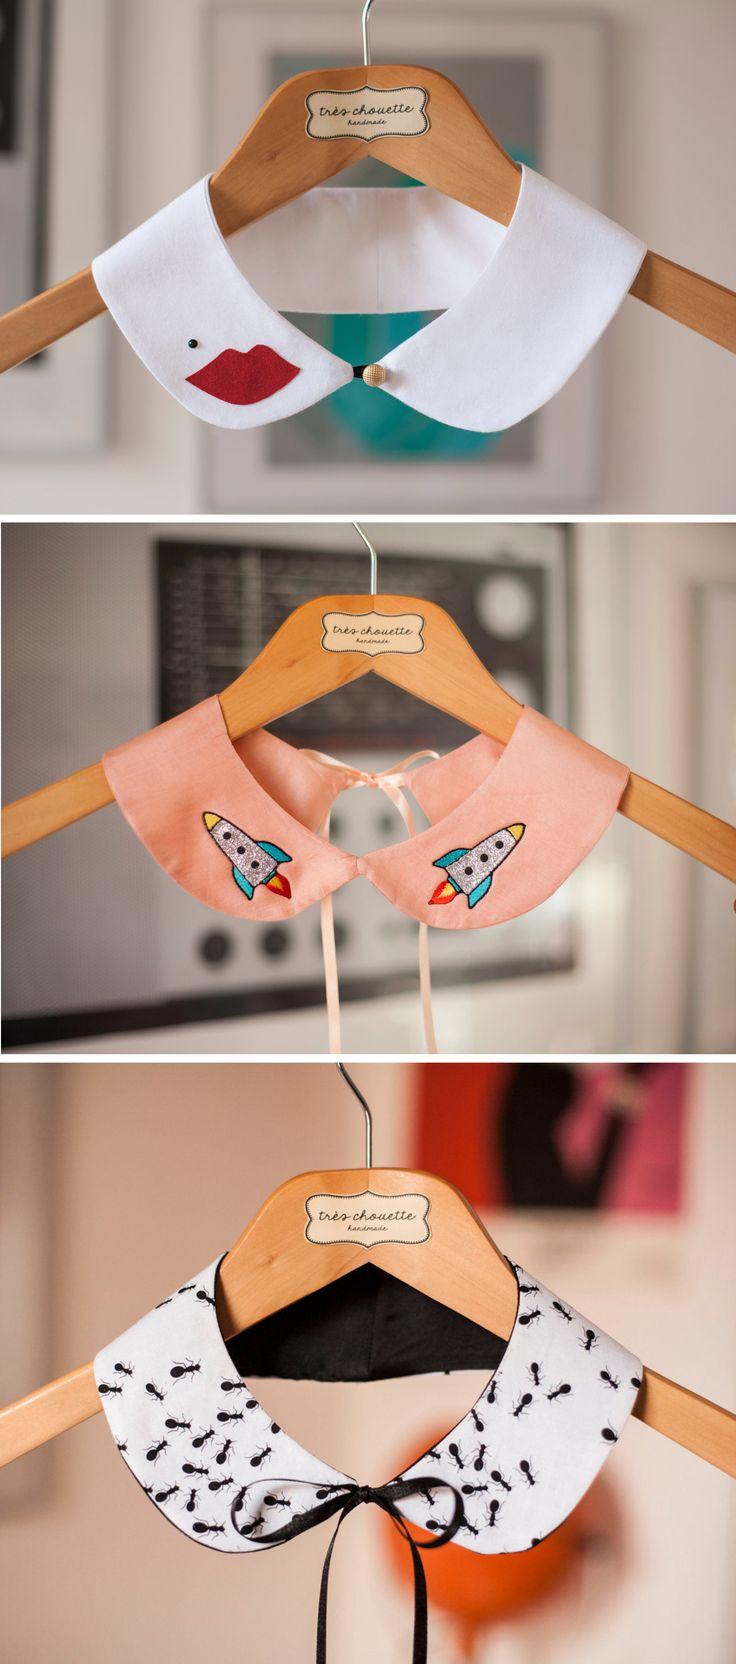 Dale un nuevo look a tus camisas con estos cuellos personalizados. #cuello #chic #fashion